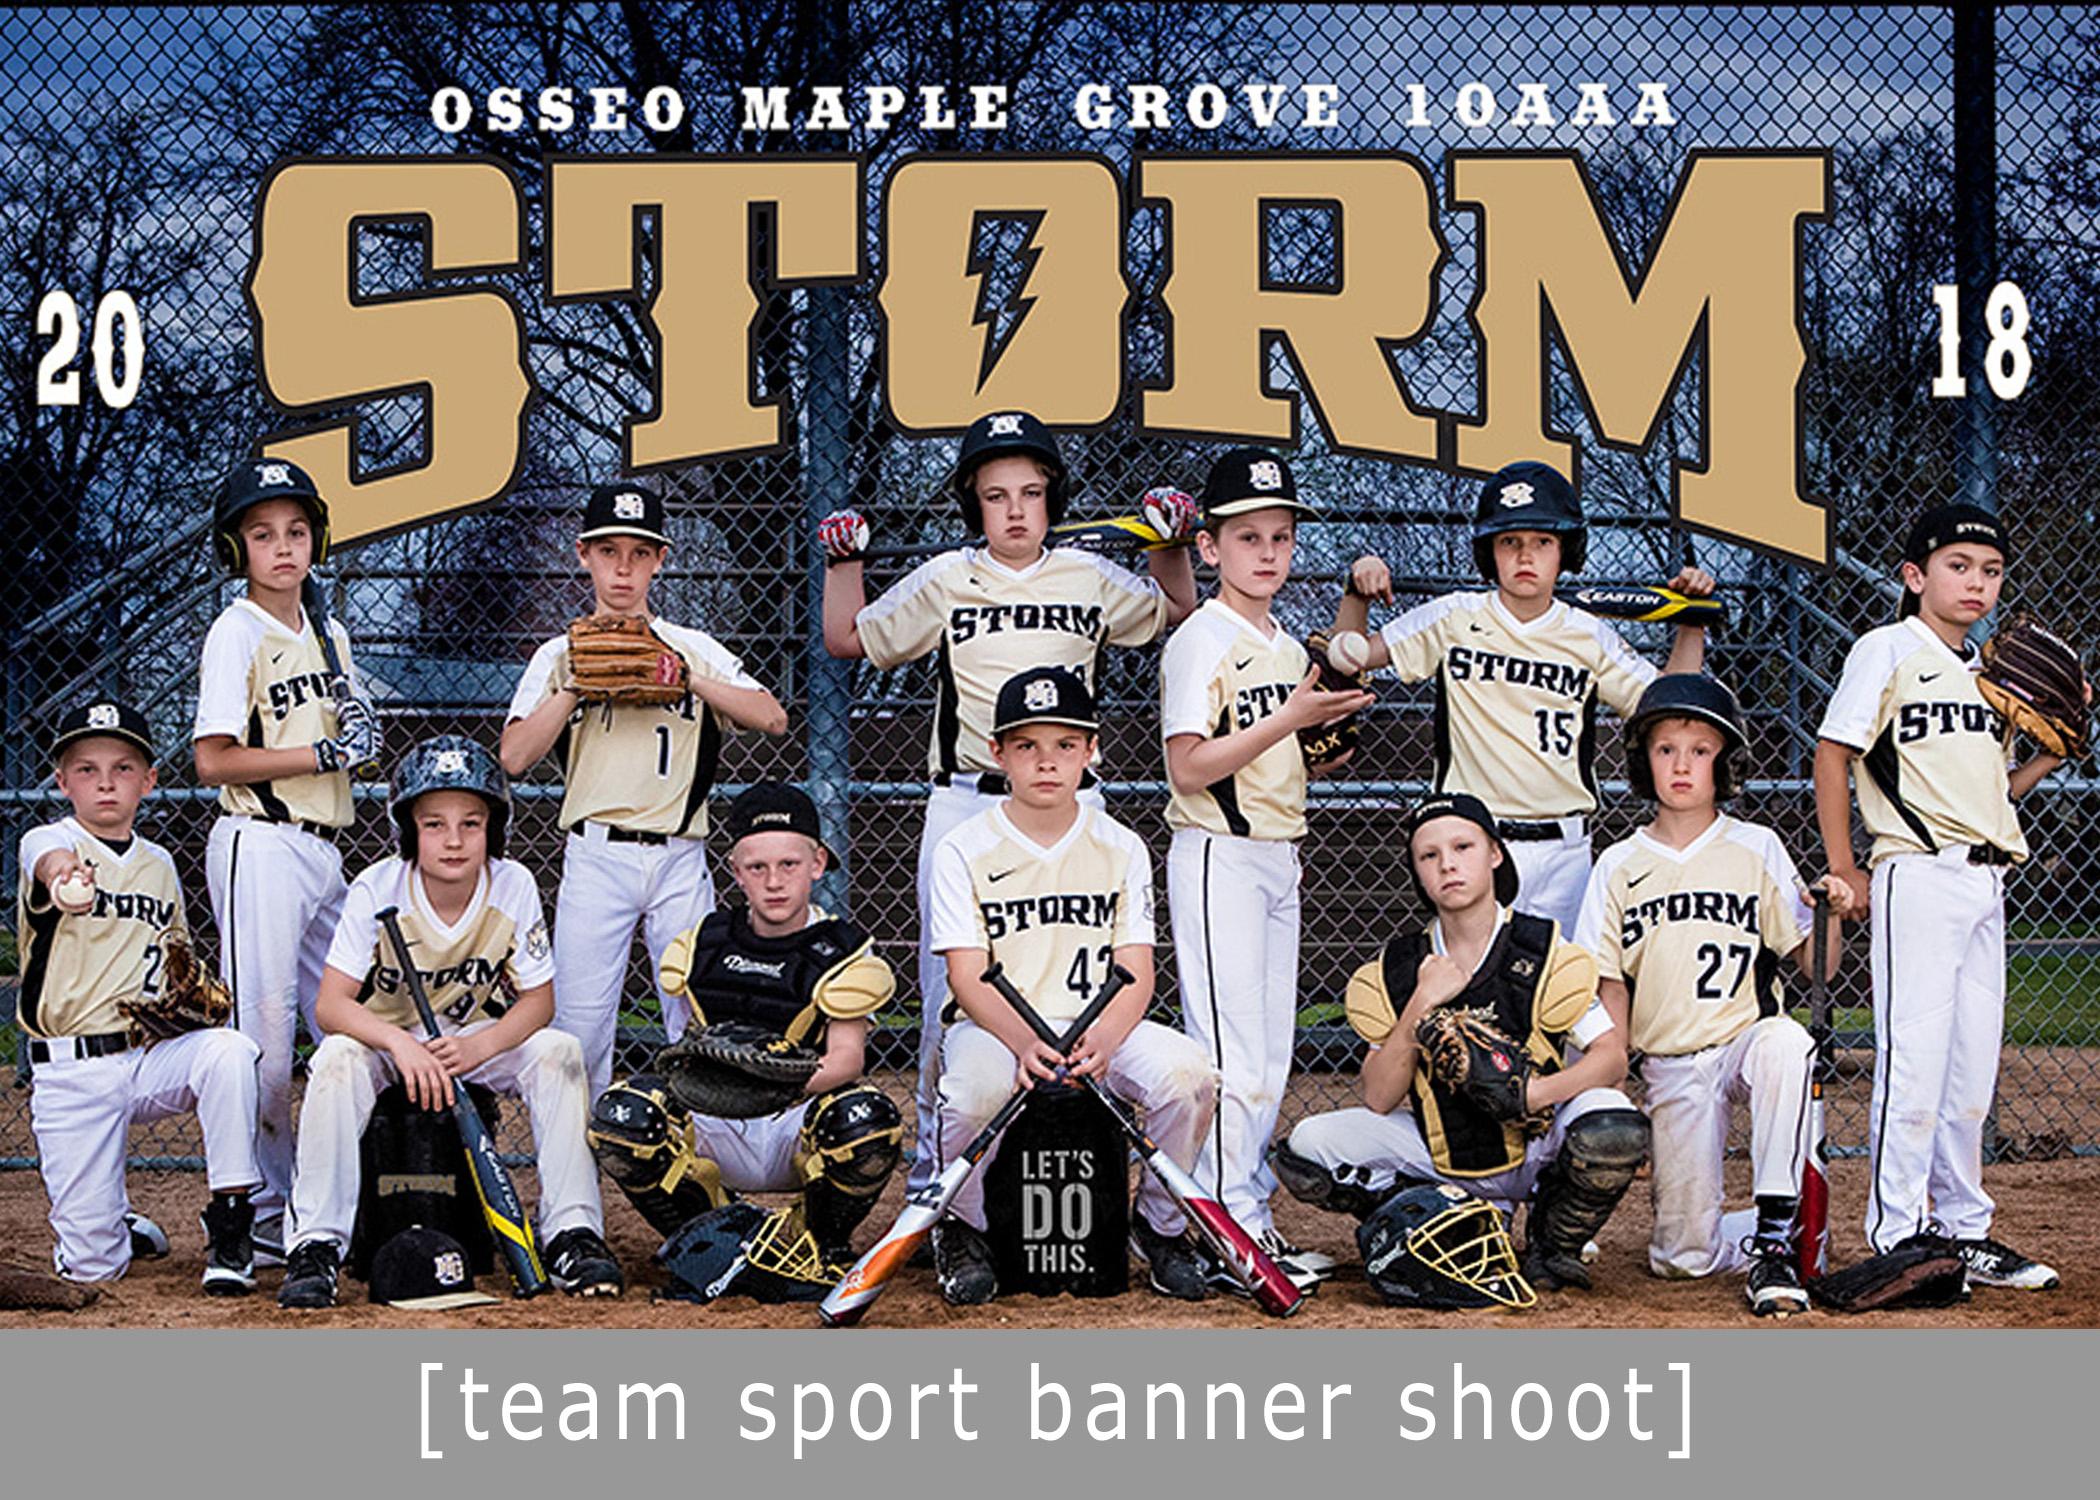 team sport banner shoot.jpg